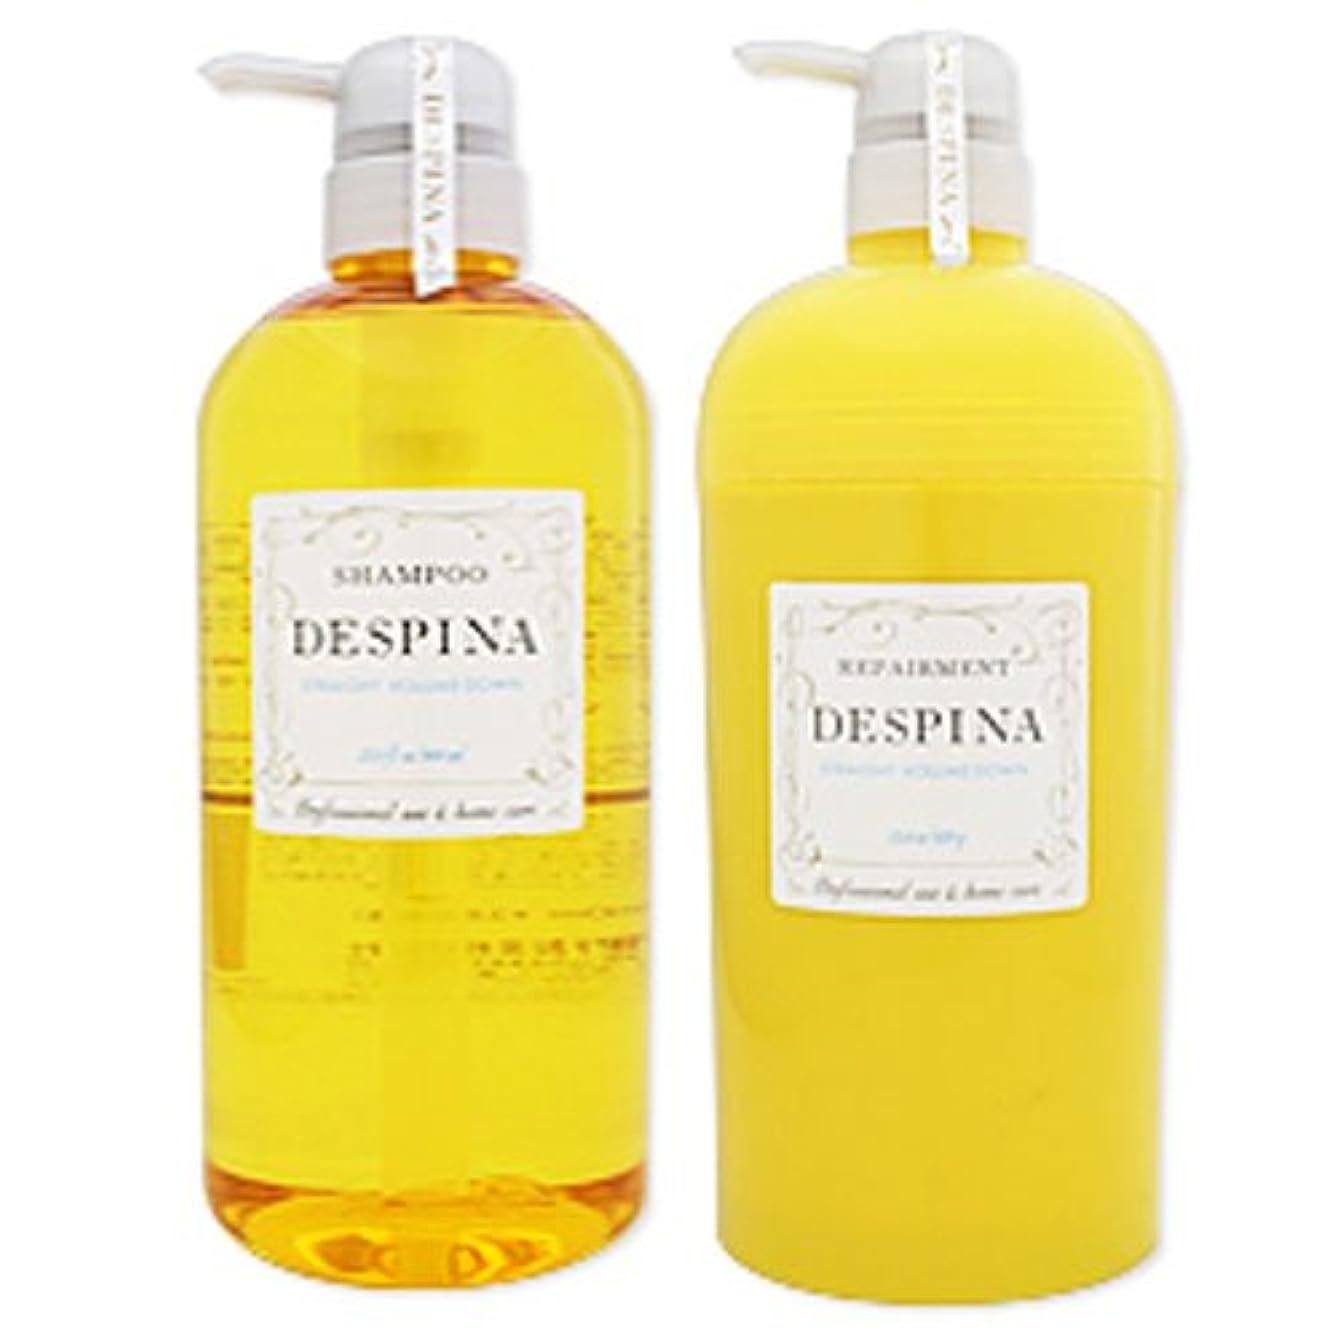 入浴特異なジュースナカノ デスピナ  ストレート ボリュームダウン シャンプー800ml&リペアメント670gセット NAKANO DESPINA STRAIGHT